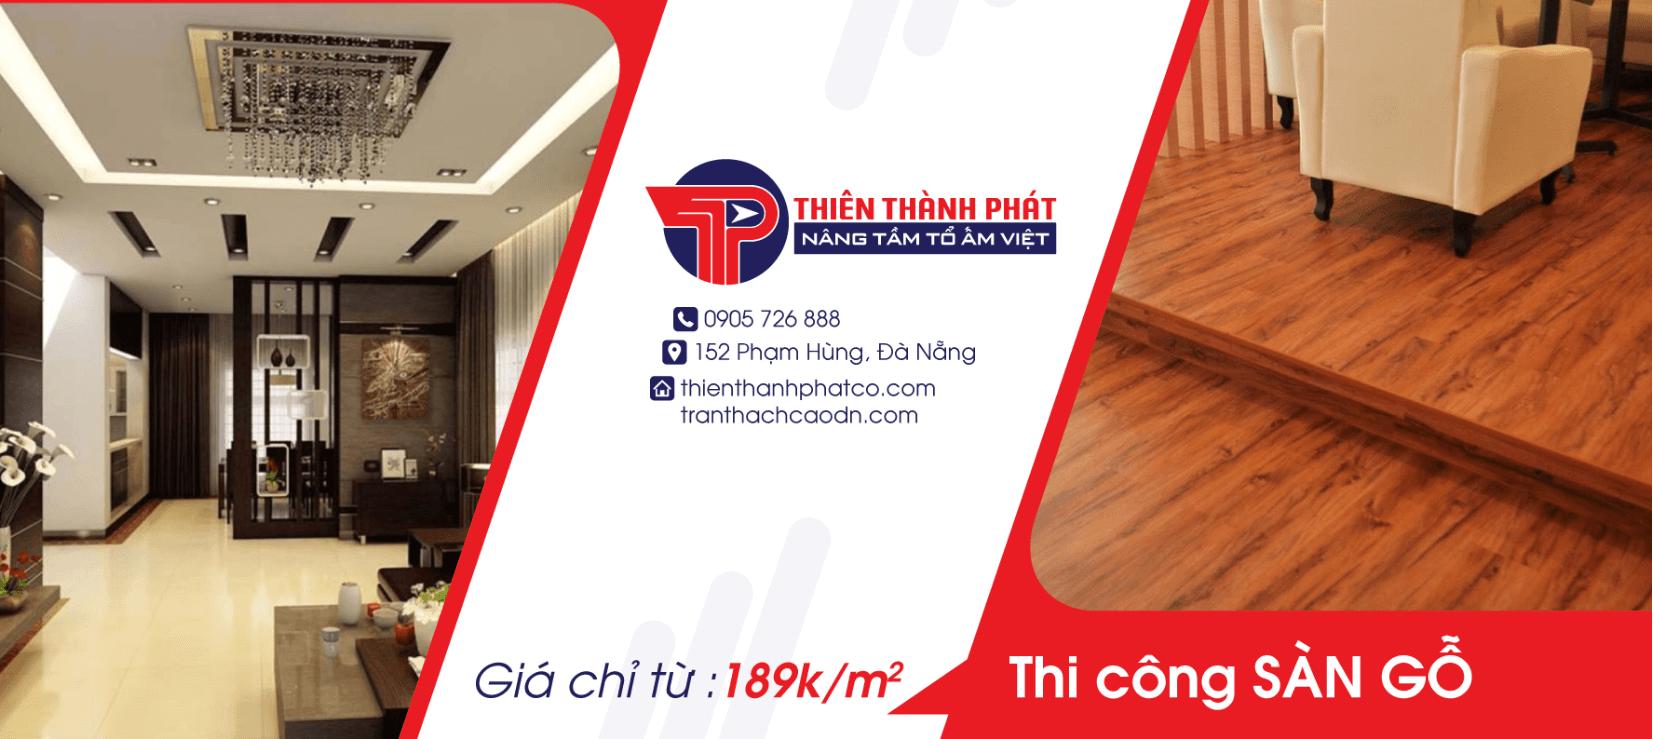 Thi công sàn gỗ giá từ 189k/m2